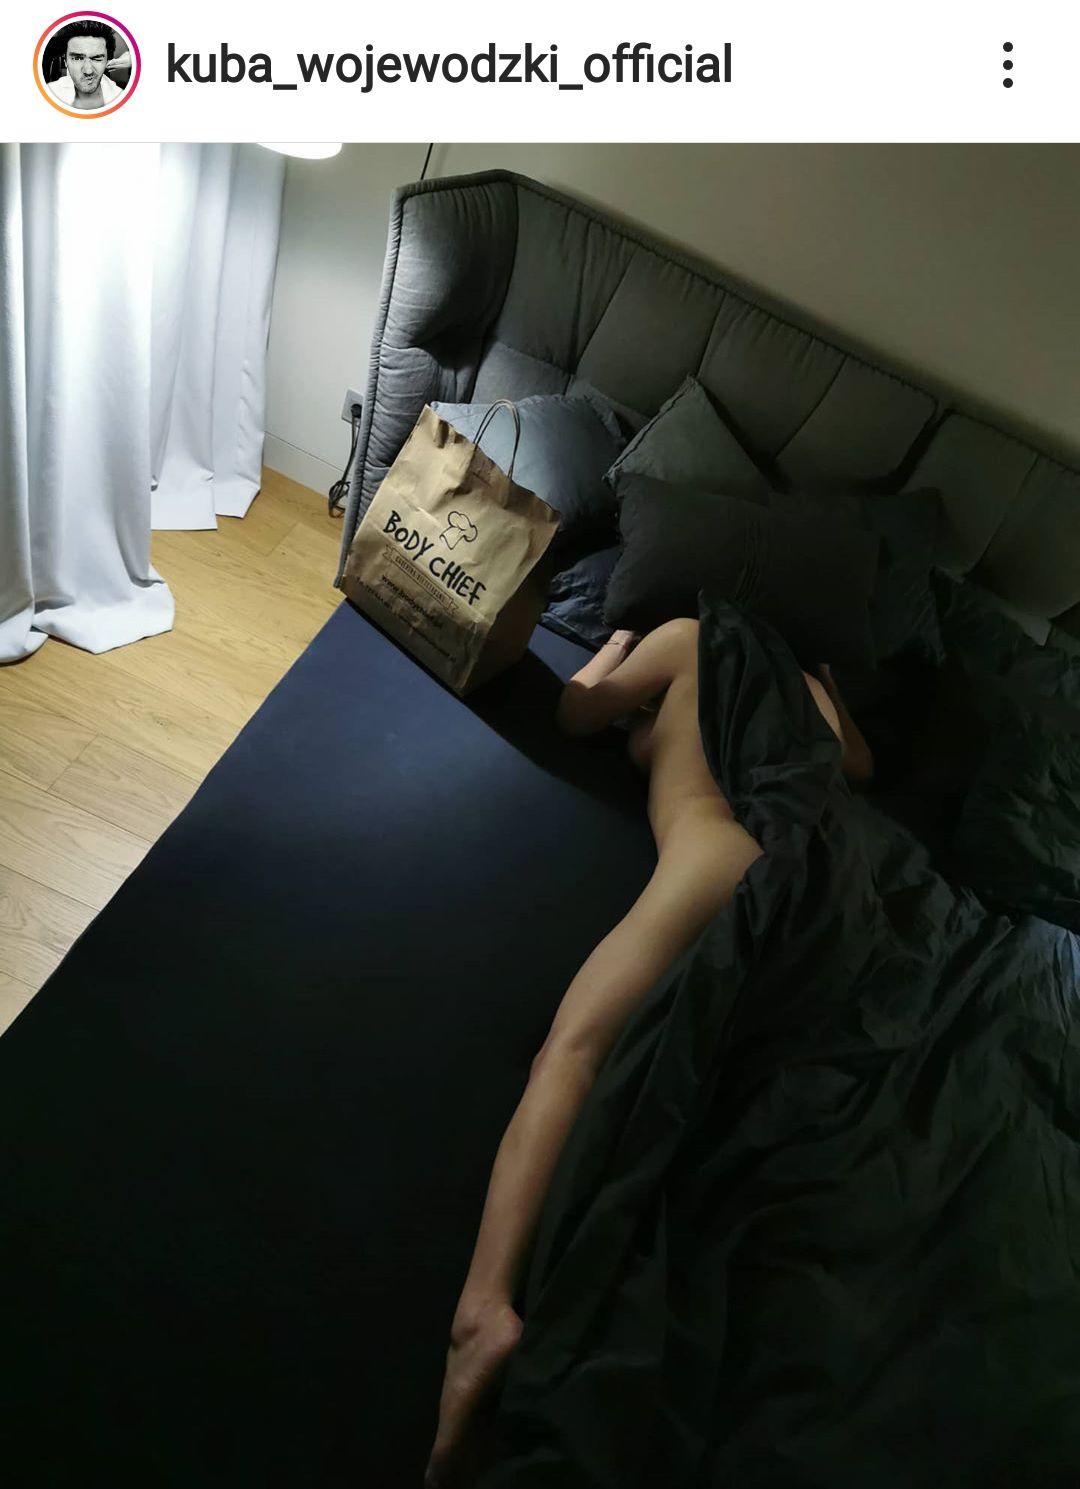 Kuba Wojewódzki wrzucił zdjęcie nagiej kobiety w łóżku, fani zgadują, że to Anna Mucha